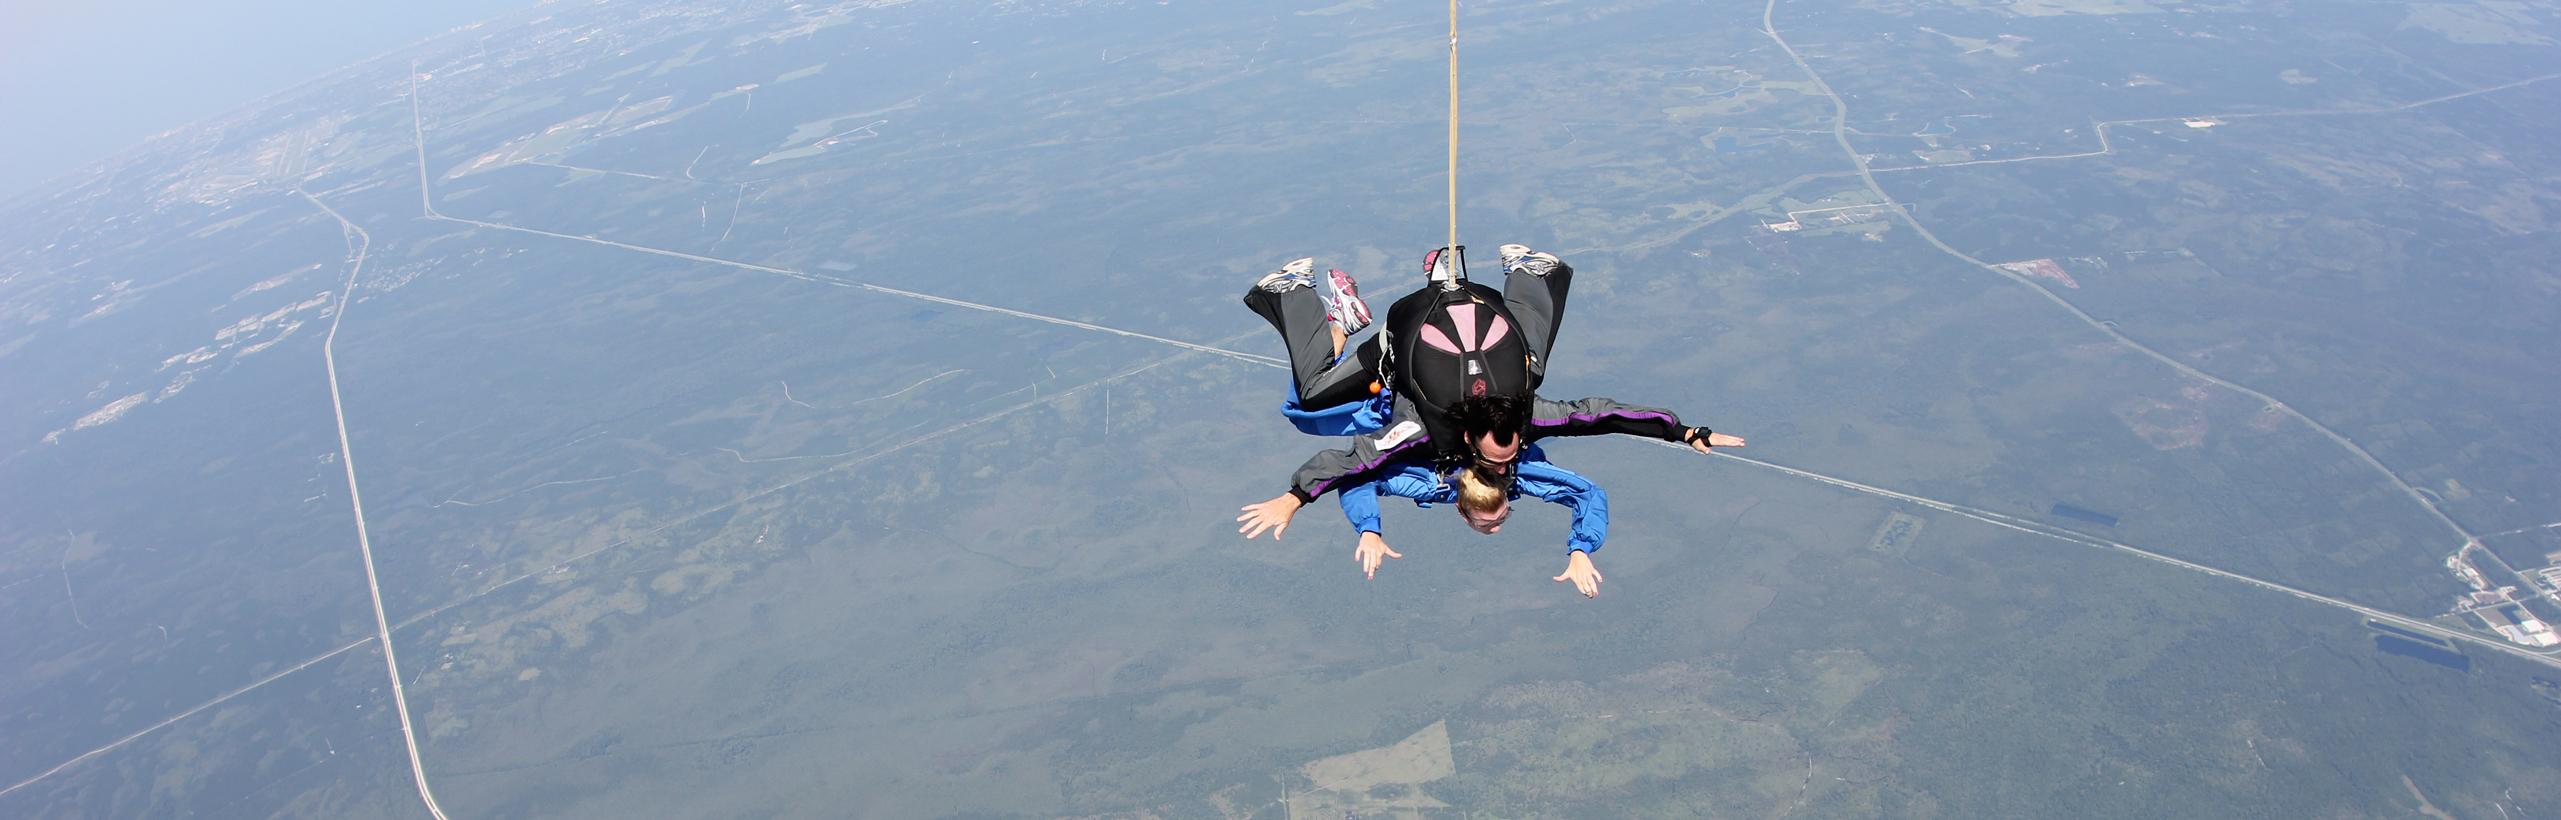 skydiving_stretch_retina